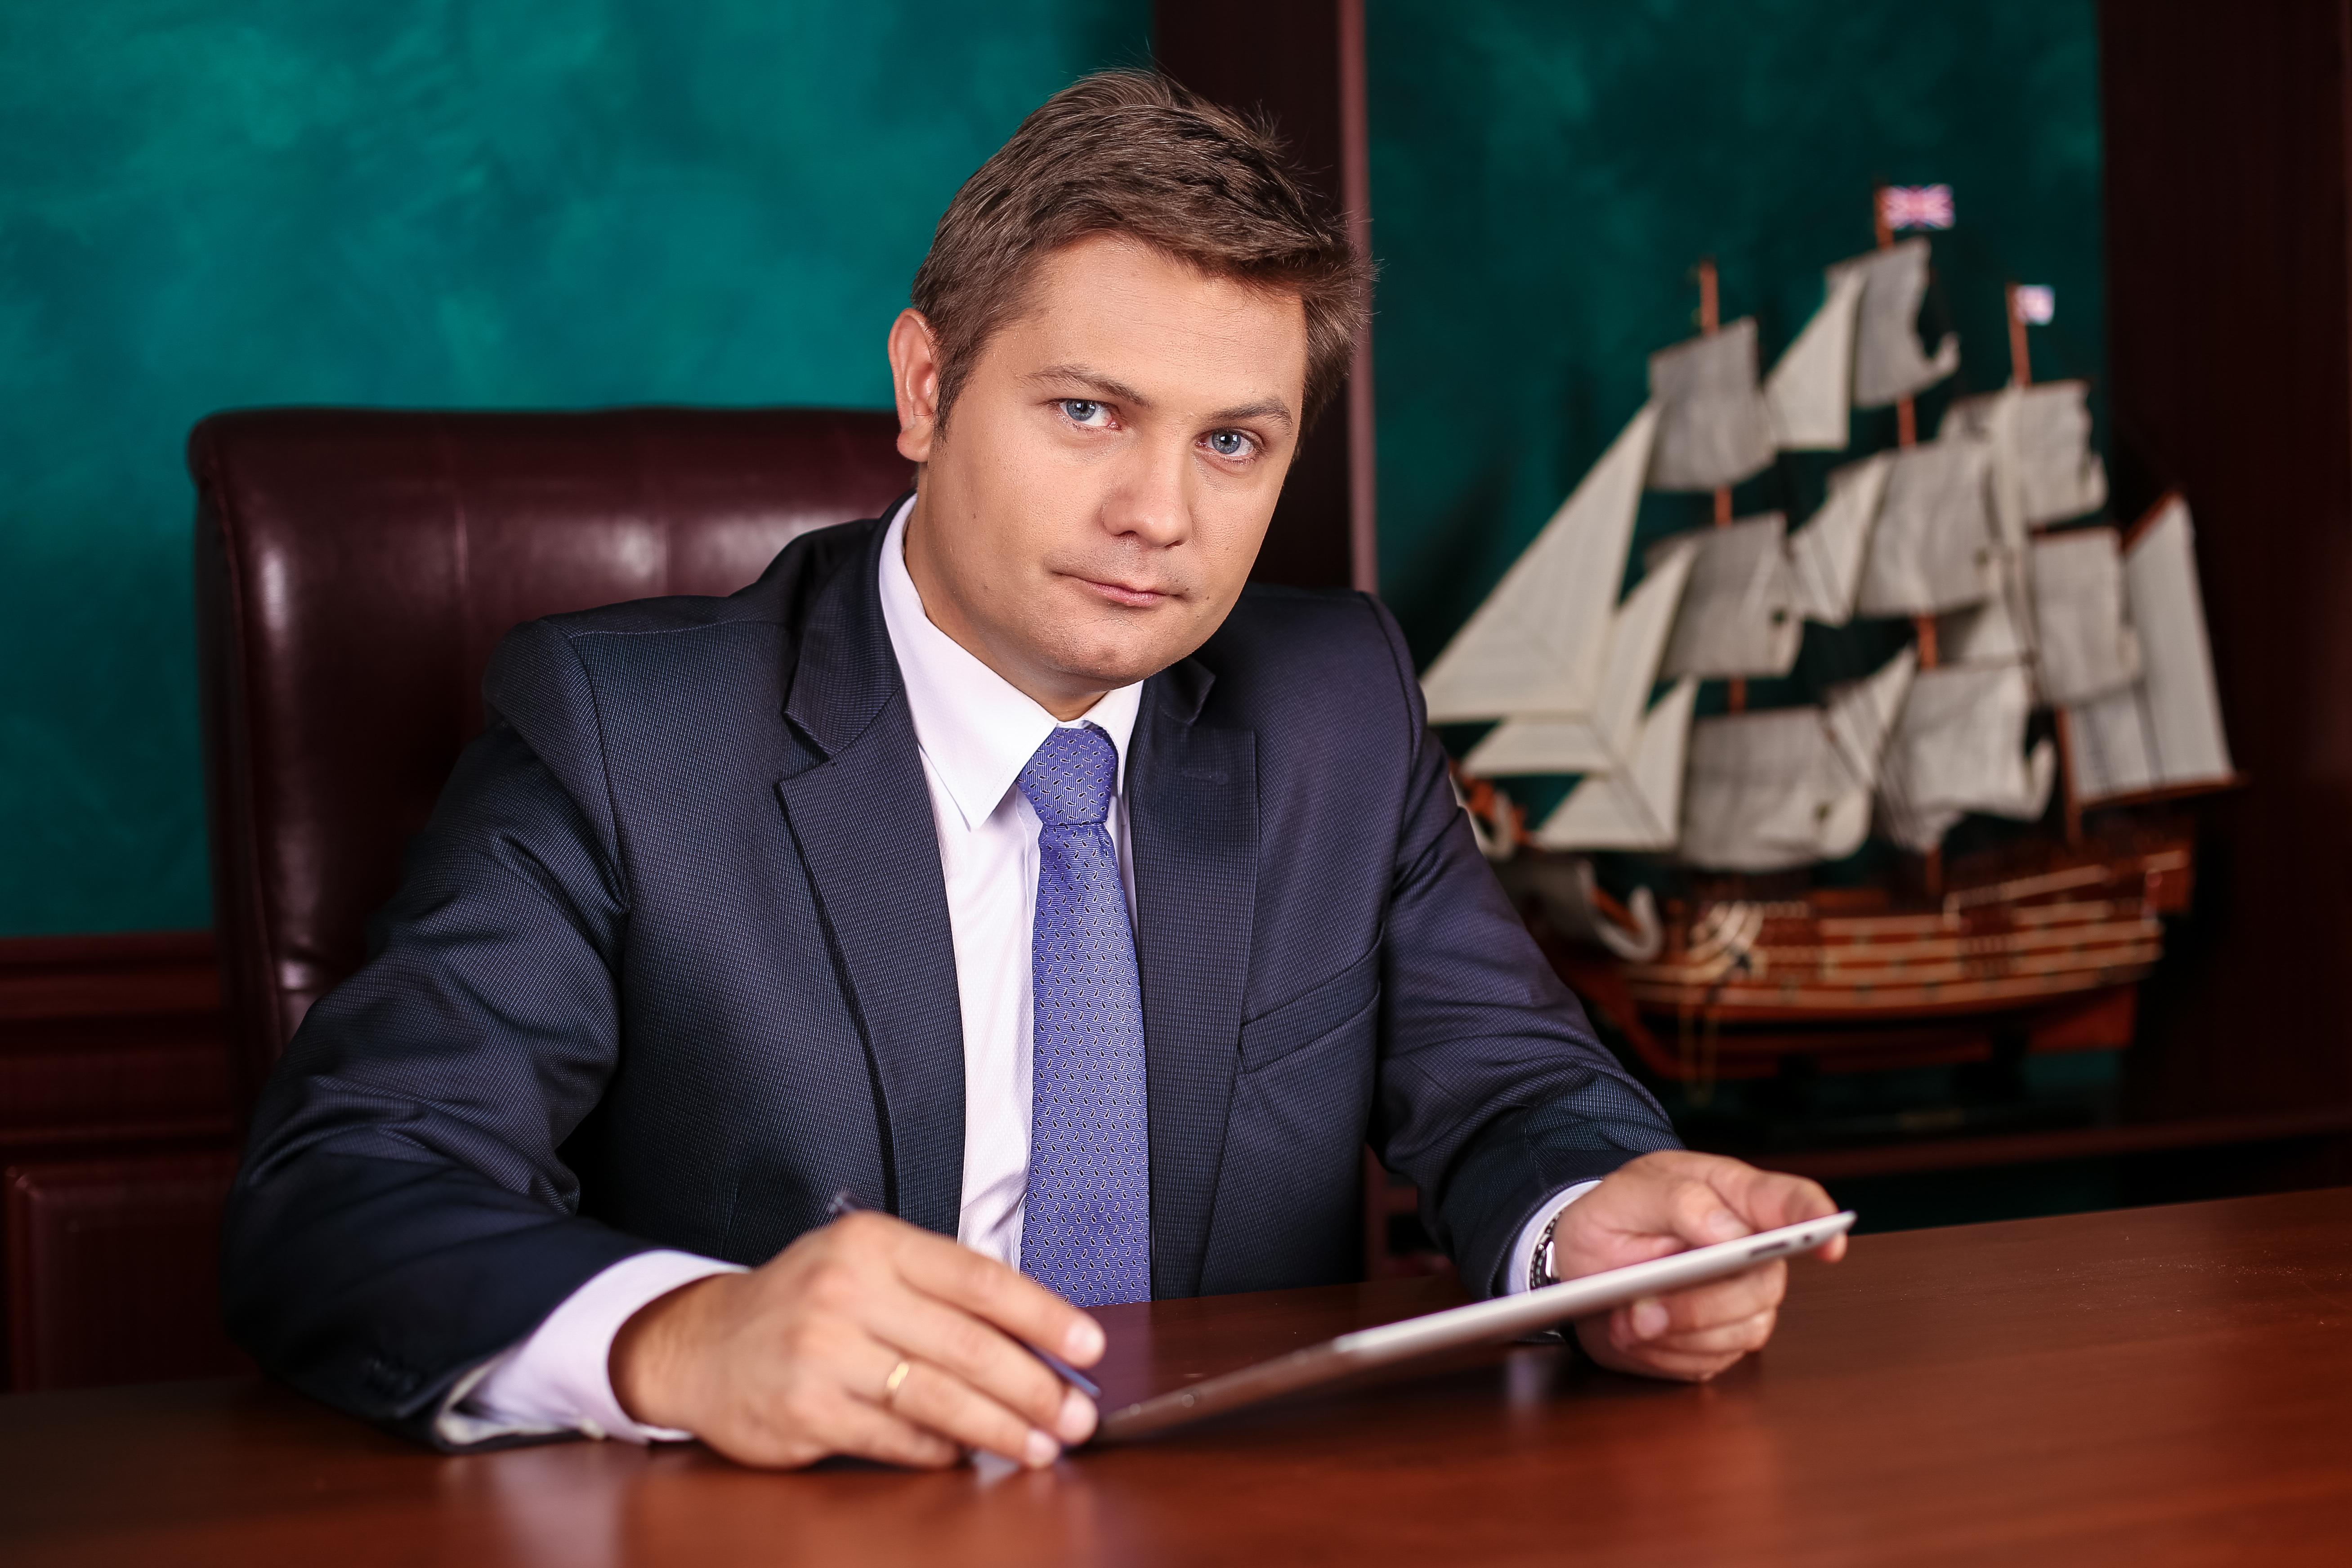 Директор по развитию корпоративного бизнеса компании «МегаФон» на Урале Евгений Иванов рассказал о трендах и новых подходах